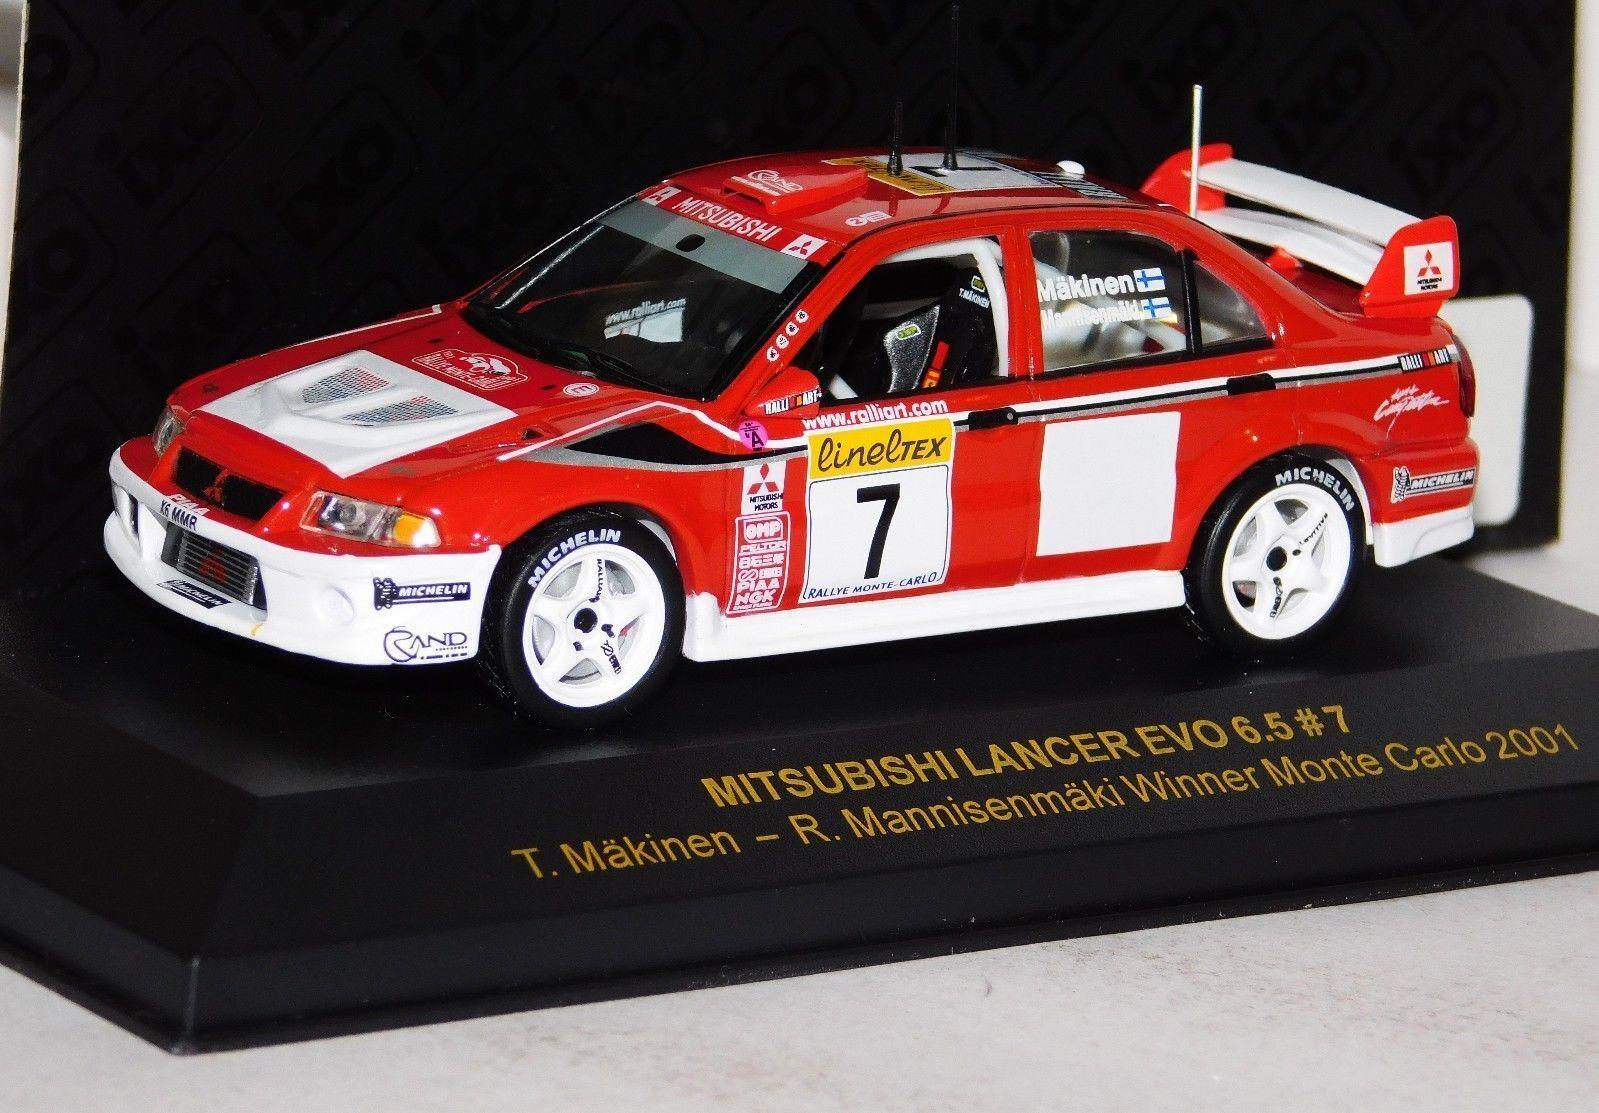 MITSUBISHI LANCER EVO 6.5 T. MAKINEN  7 WINNER MONTE CARLO 2001 IXO RAM003